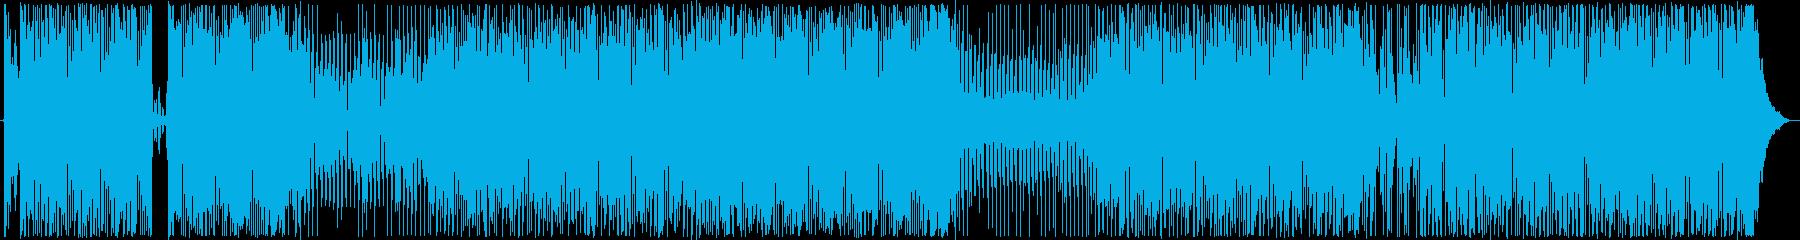 ハードコア。無制限。無線。の再生済みの波形